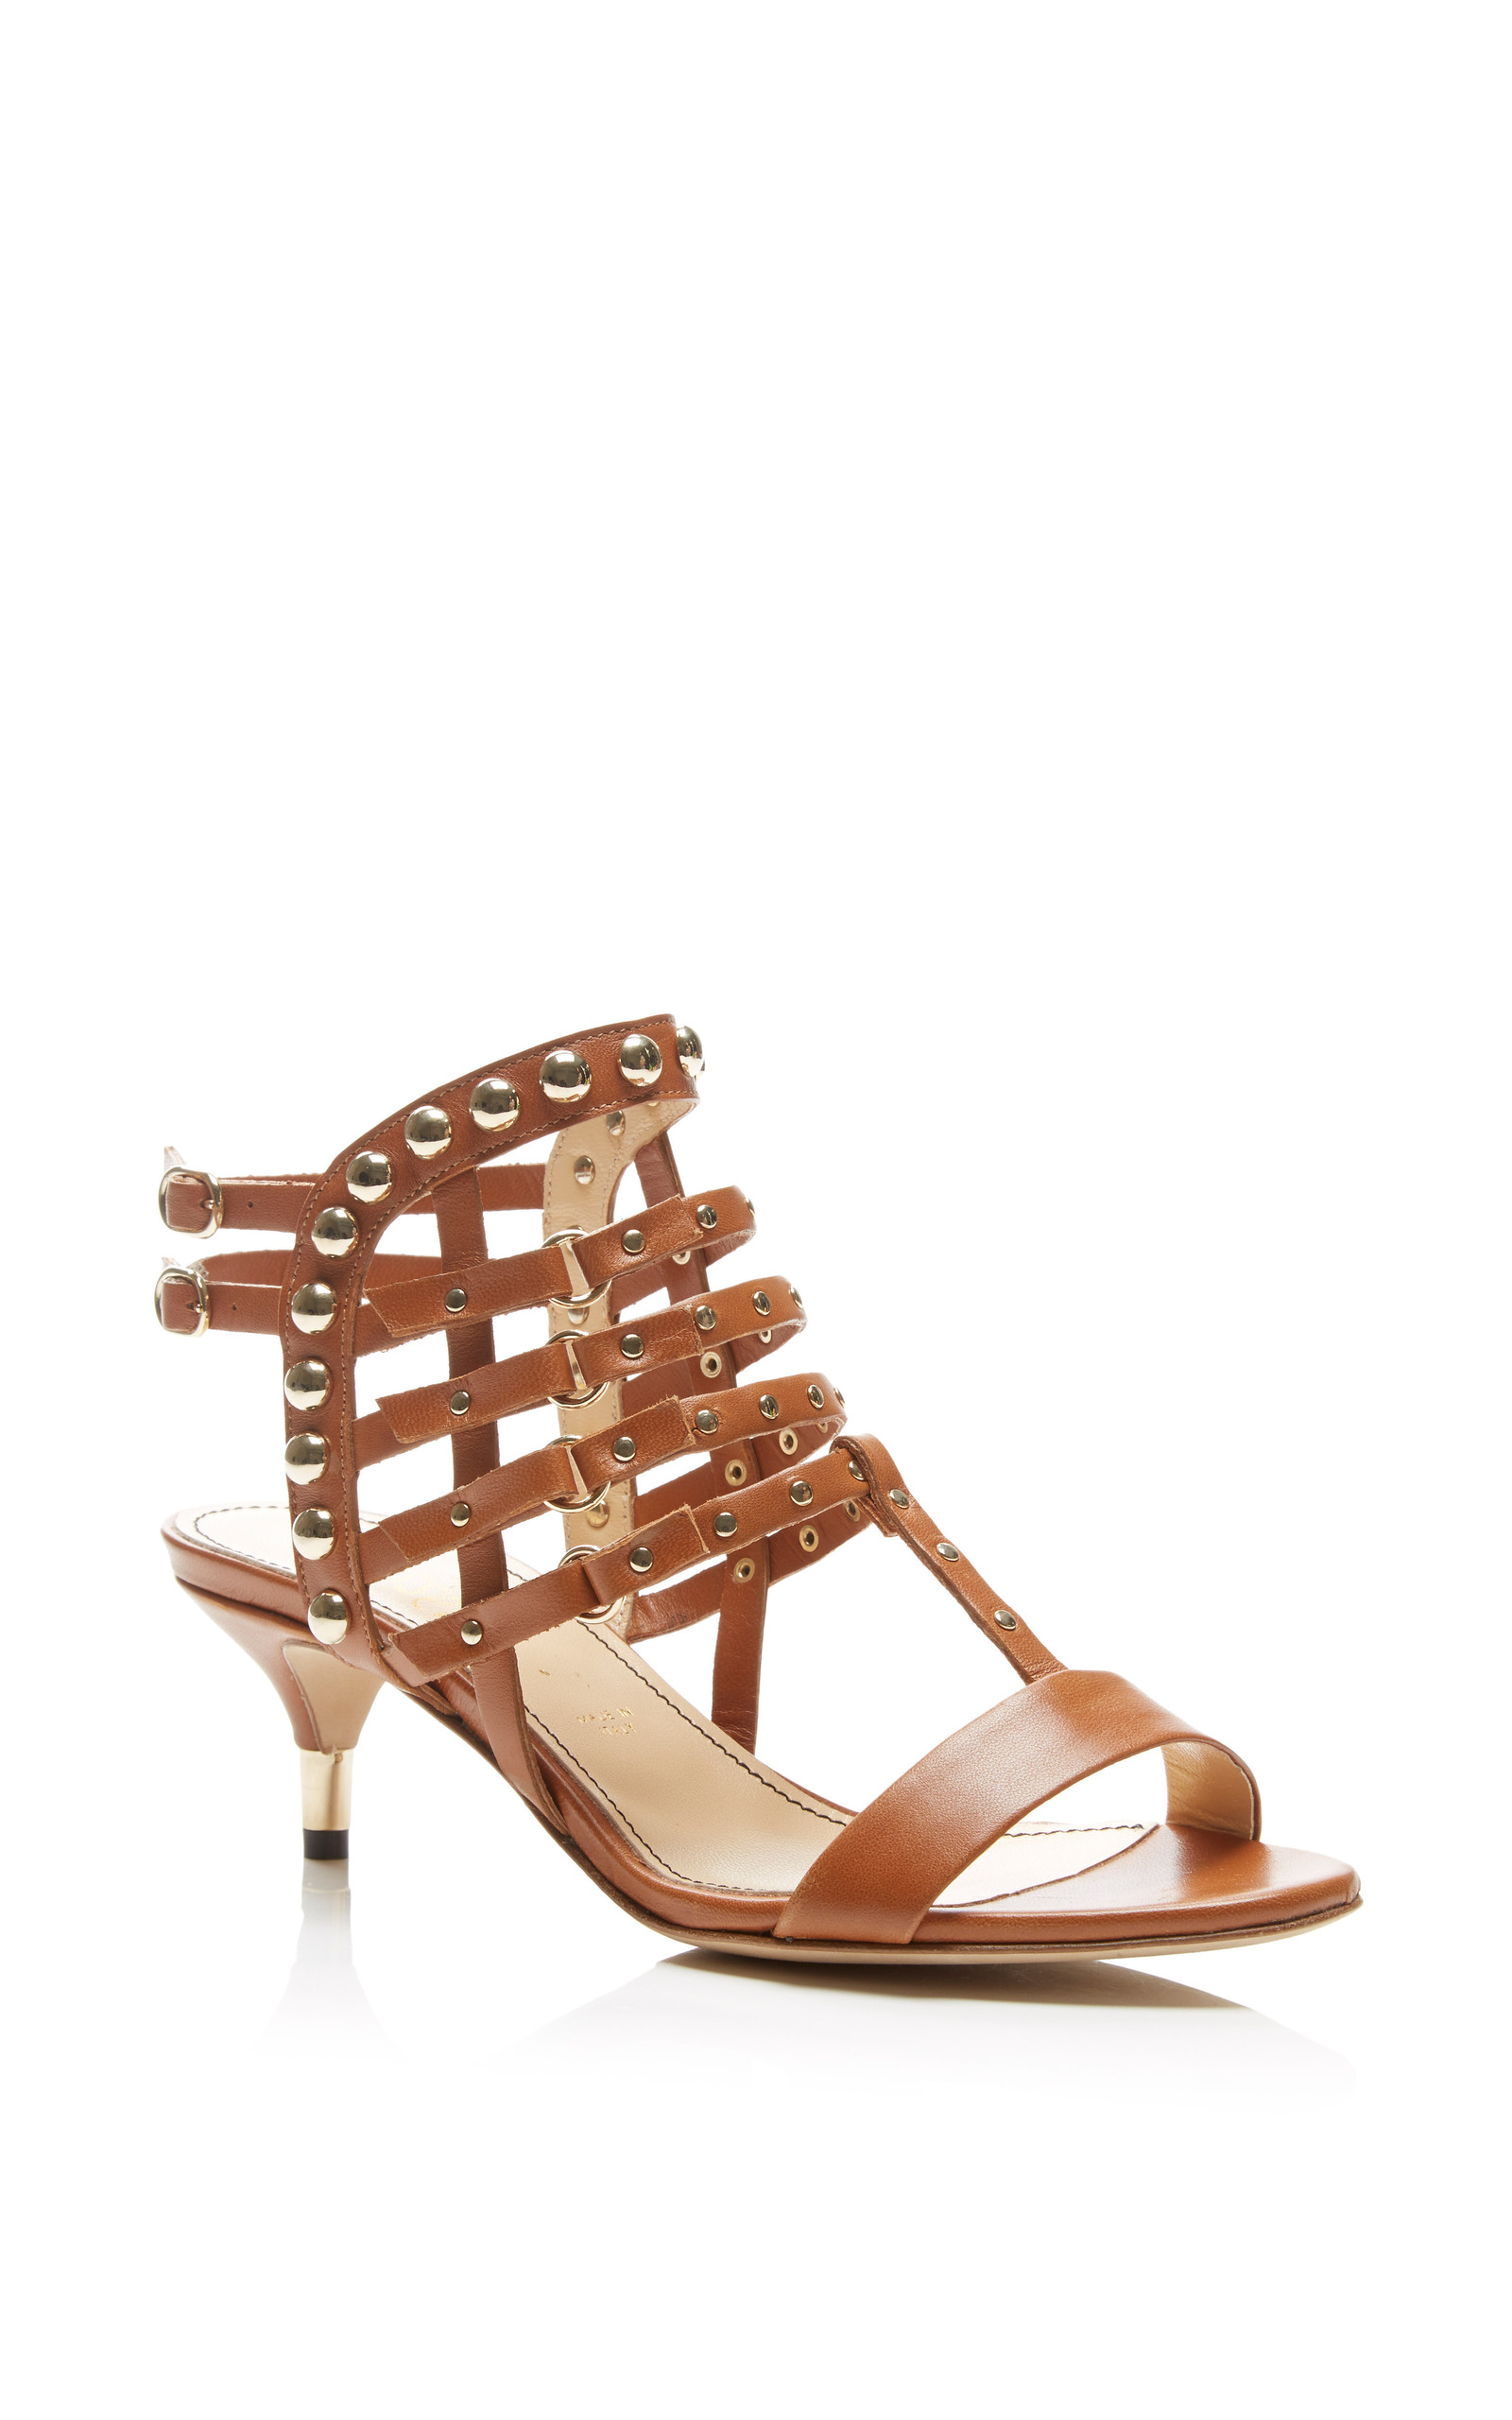 360d3addc8d Jerome C. RousseauCamden Kitten Heel Sandal In Tan. CLOSE. Loading. Loading